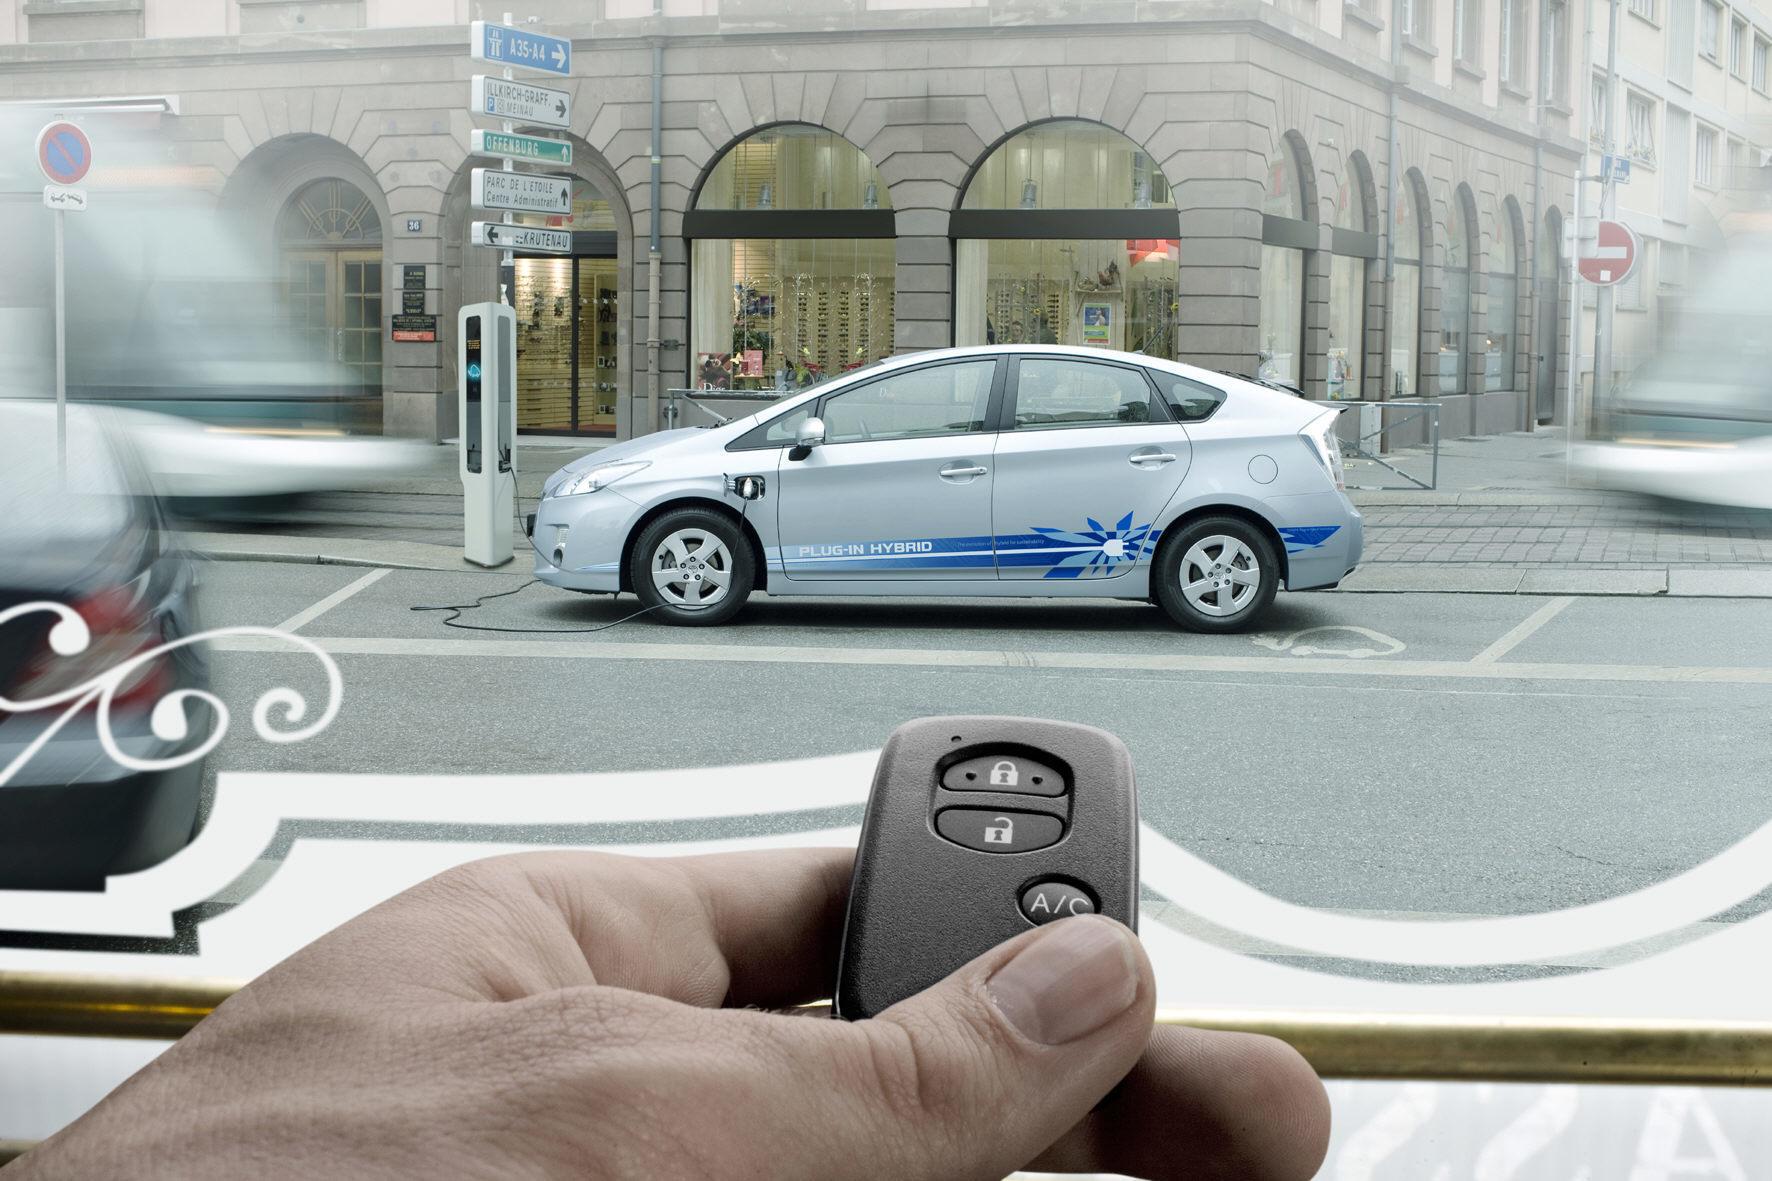 mid Groß-Gerau - Knacken Diebe ein Auto mithilfe von Funkwellen, indem sie das Signal des Halters abfangen, hinterlassen sie keine Spuren. Dann können Versicherungen die Regulierung verweigern.